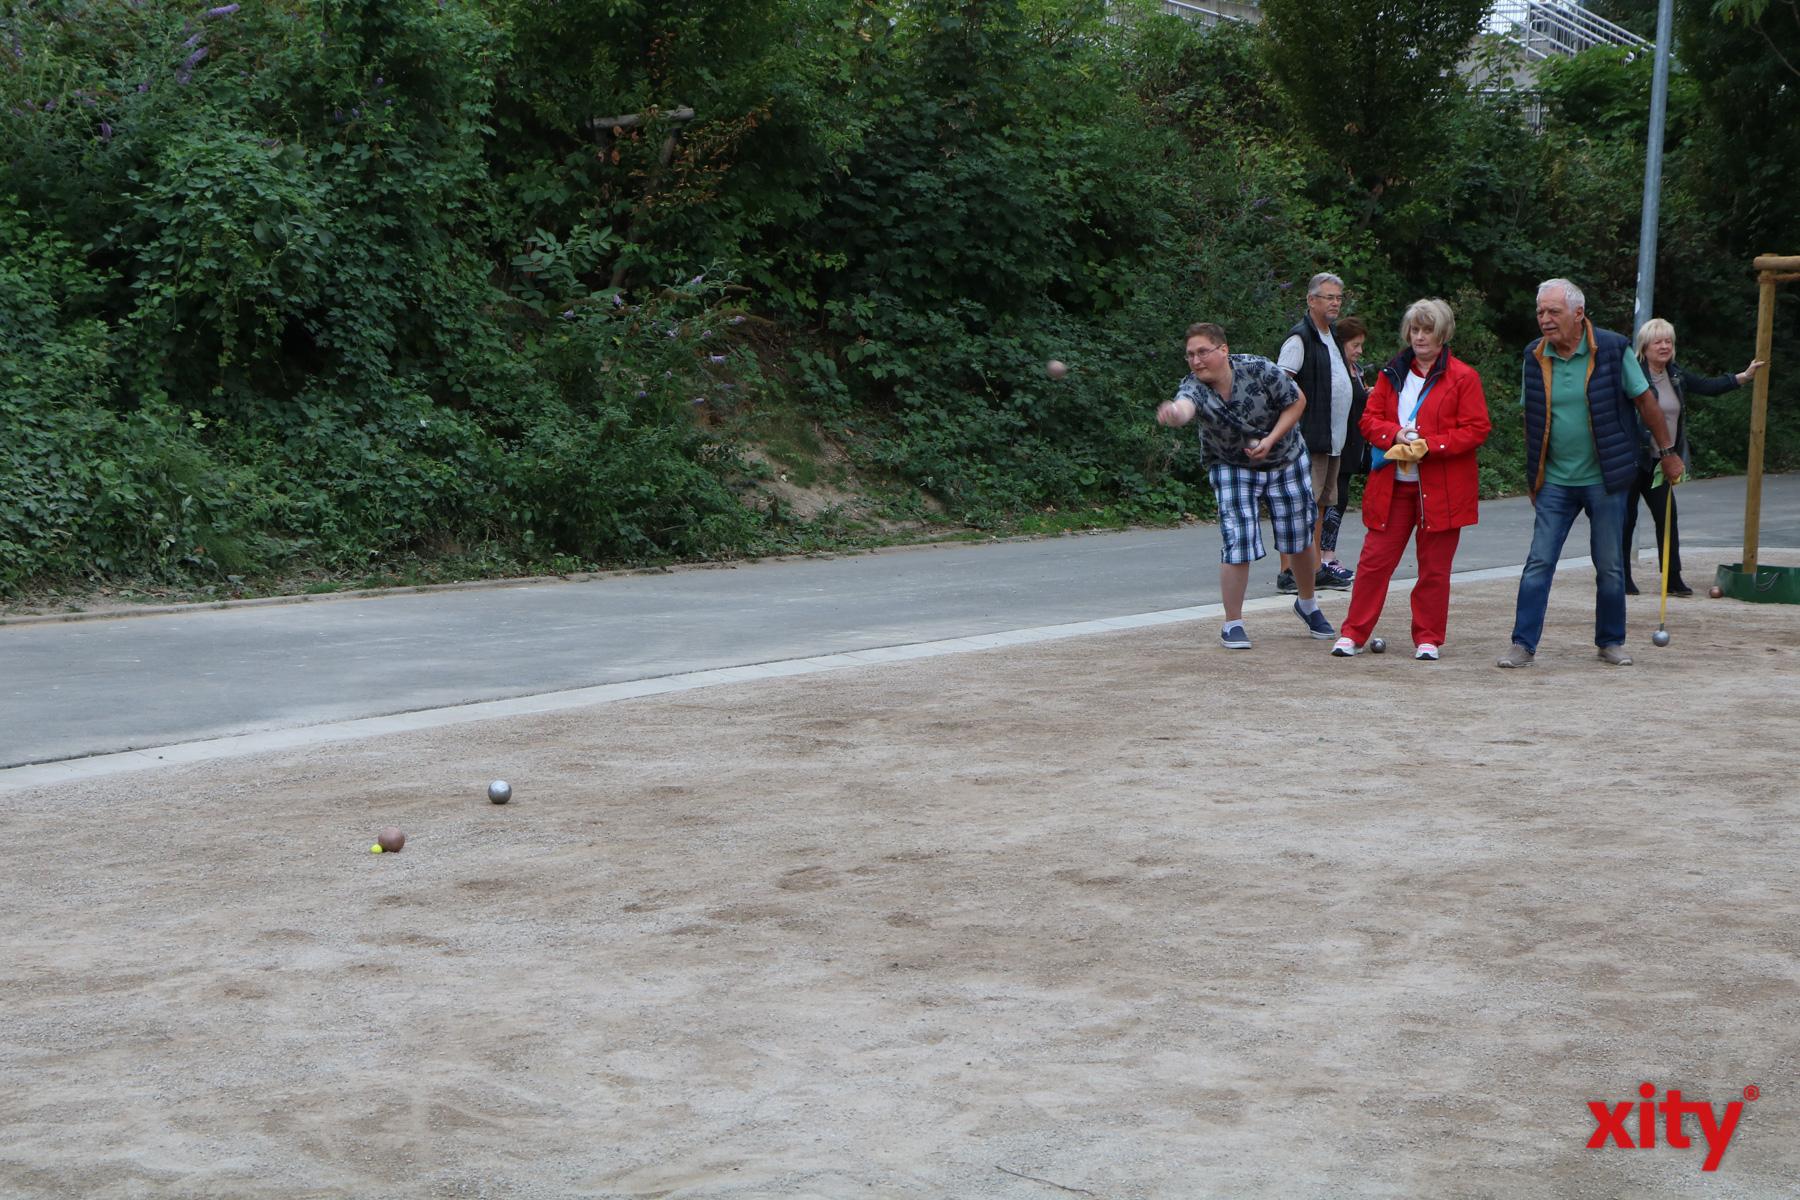 Besucher haben die Möglichkeit Boule im neuen Sportpark zu spielen (Foto: xity)